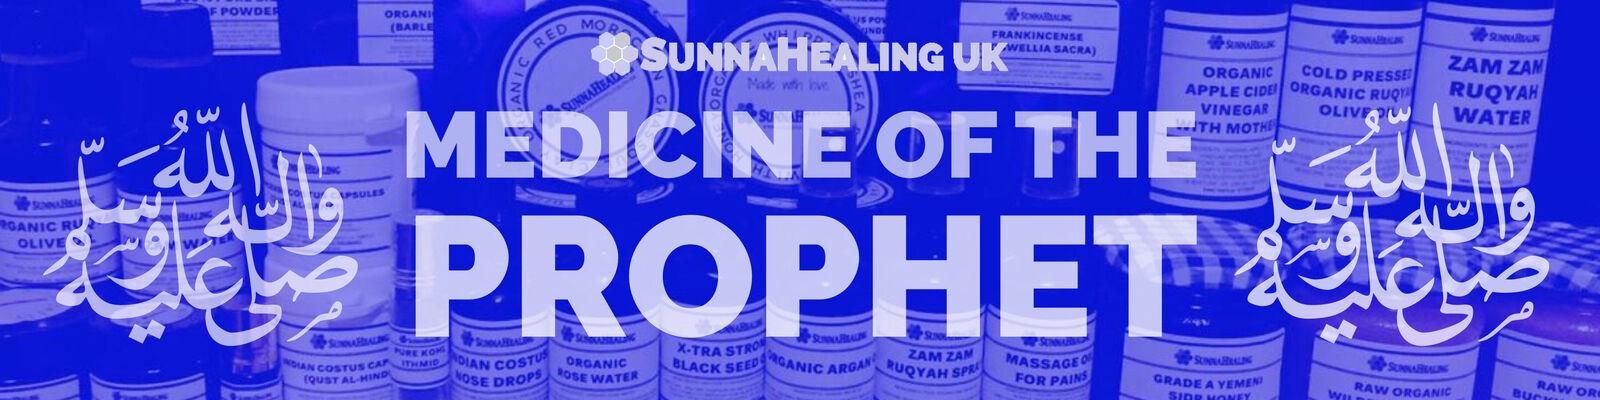 SunnaHealing UK